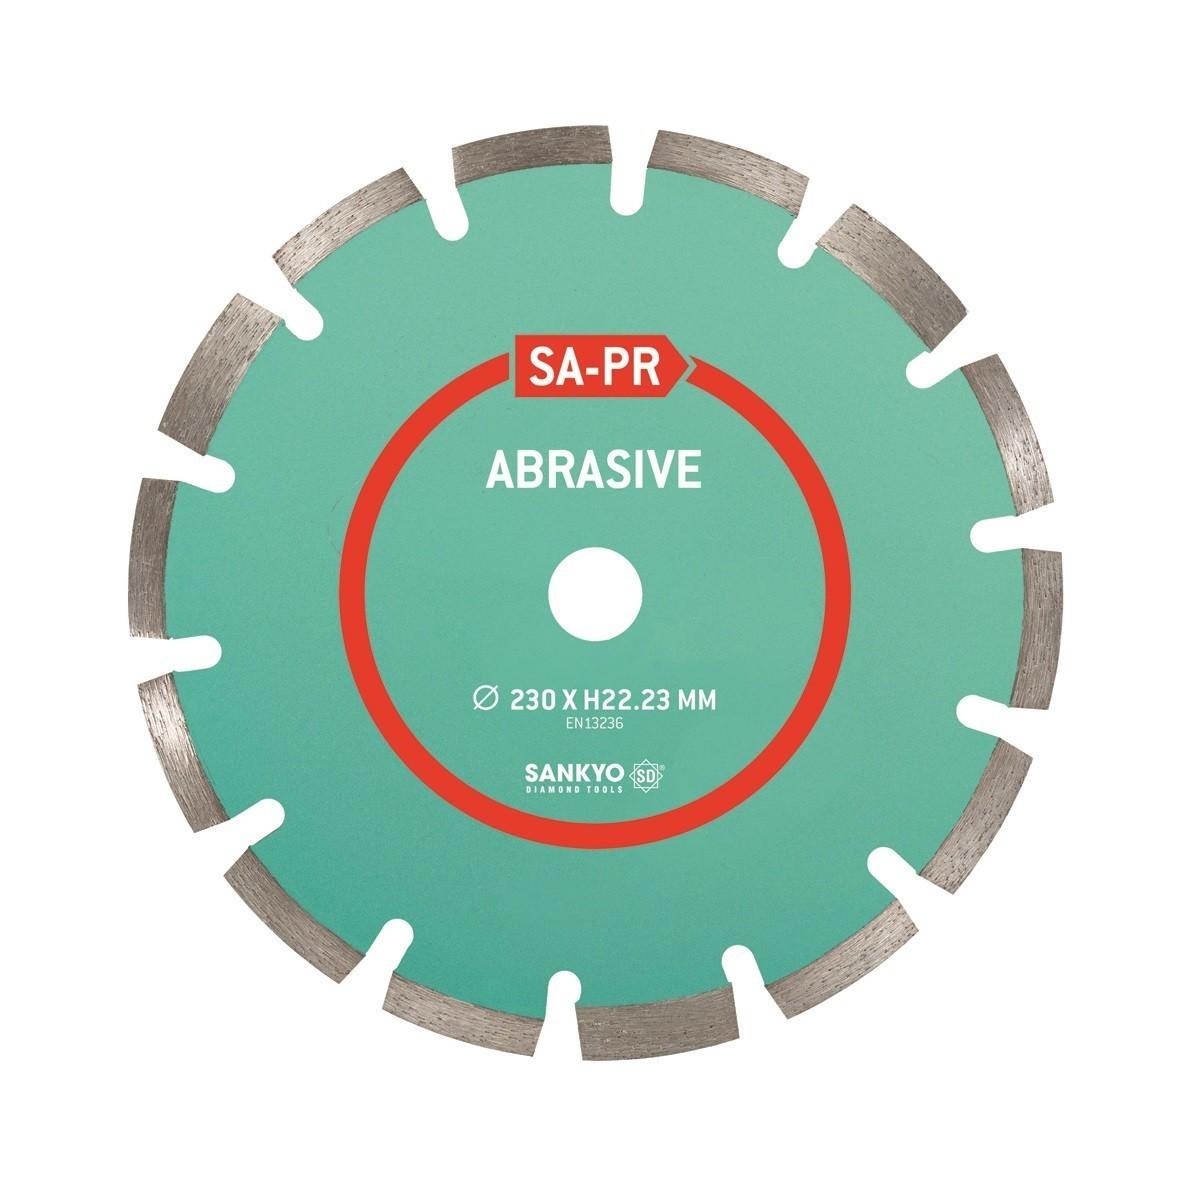 Sankyo diamantzaag baksteen/abrasief SA-PR -22.2-125